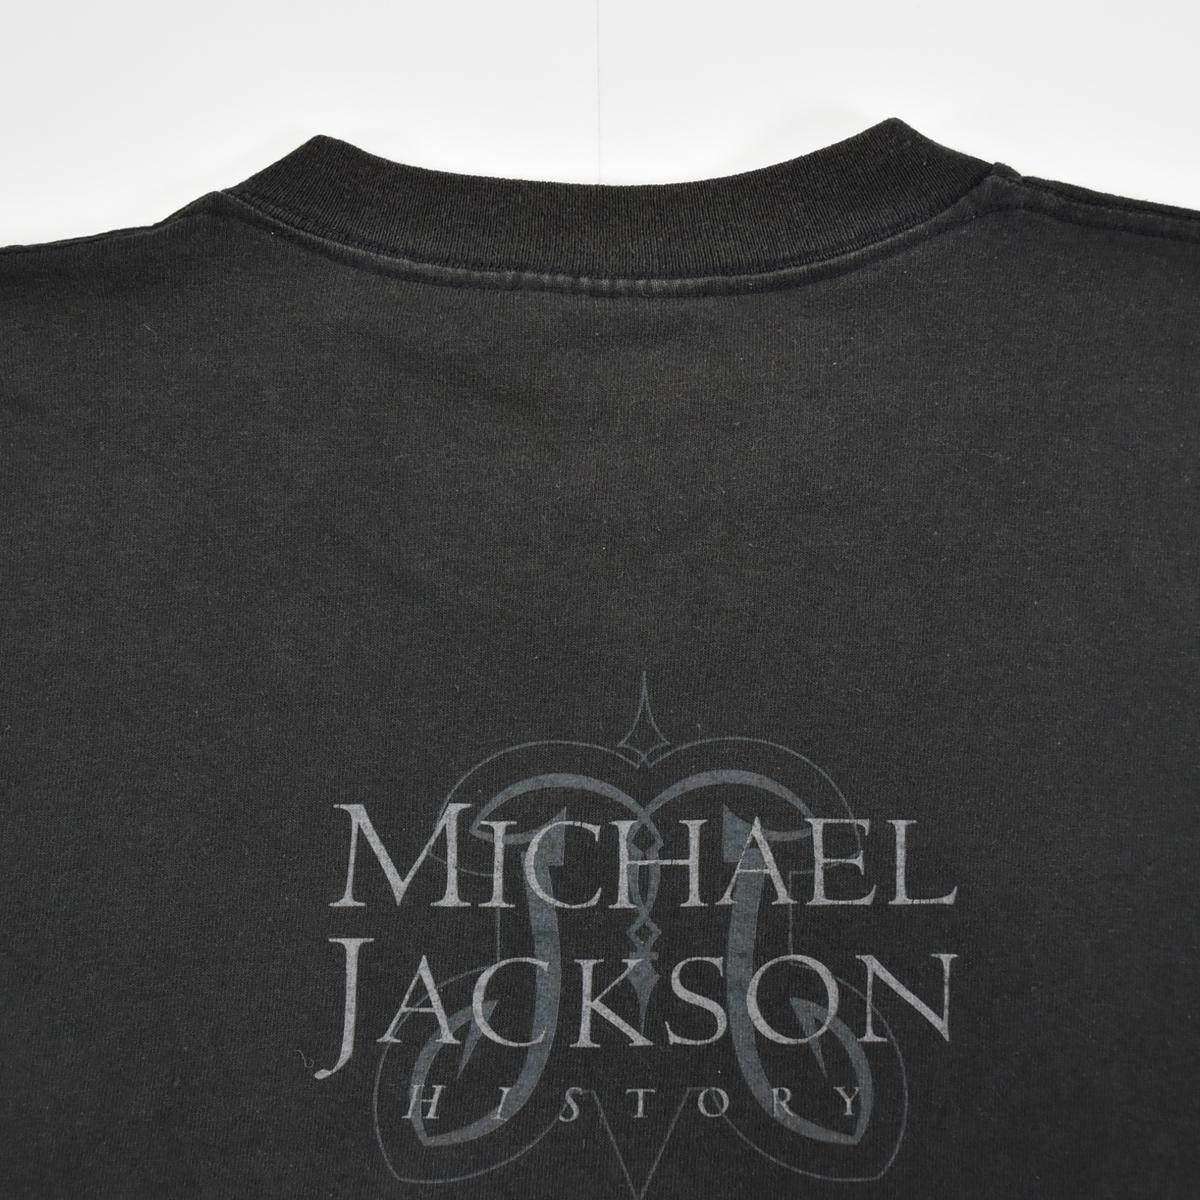 Michael Jackson マイケルジャクソン ★ リー Leeボディ USA製 ヴィンテージ 90s 1994 HISTORY コピーライト有 半袖 Tシャツ 黒 L_画像5